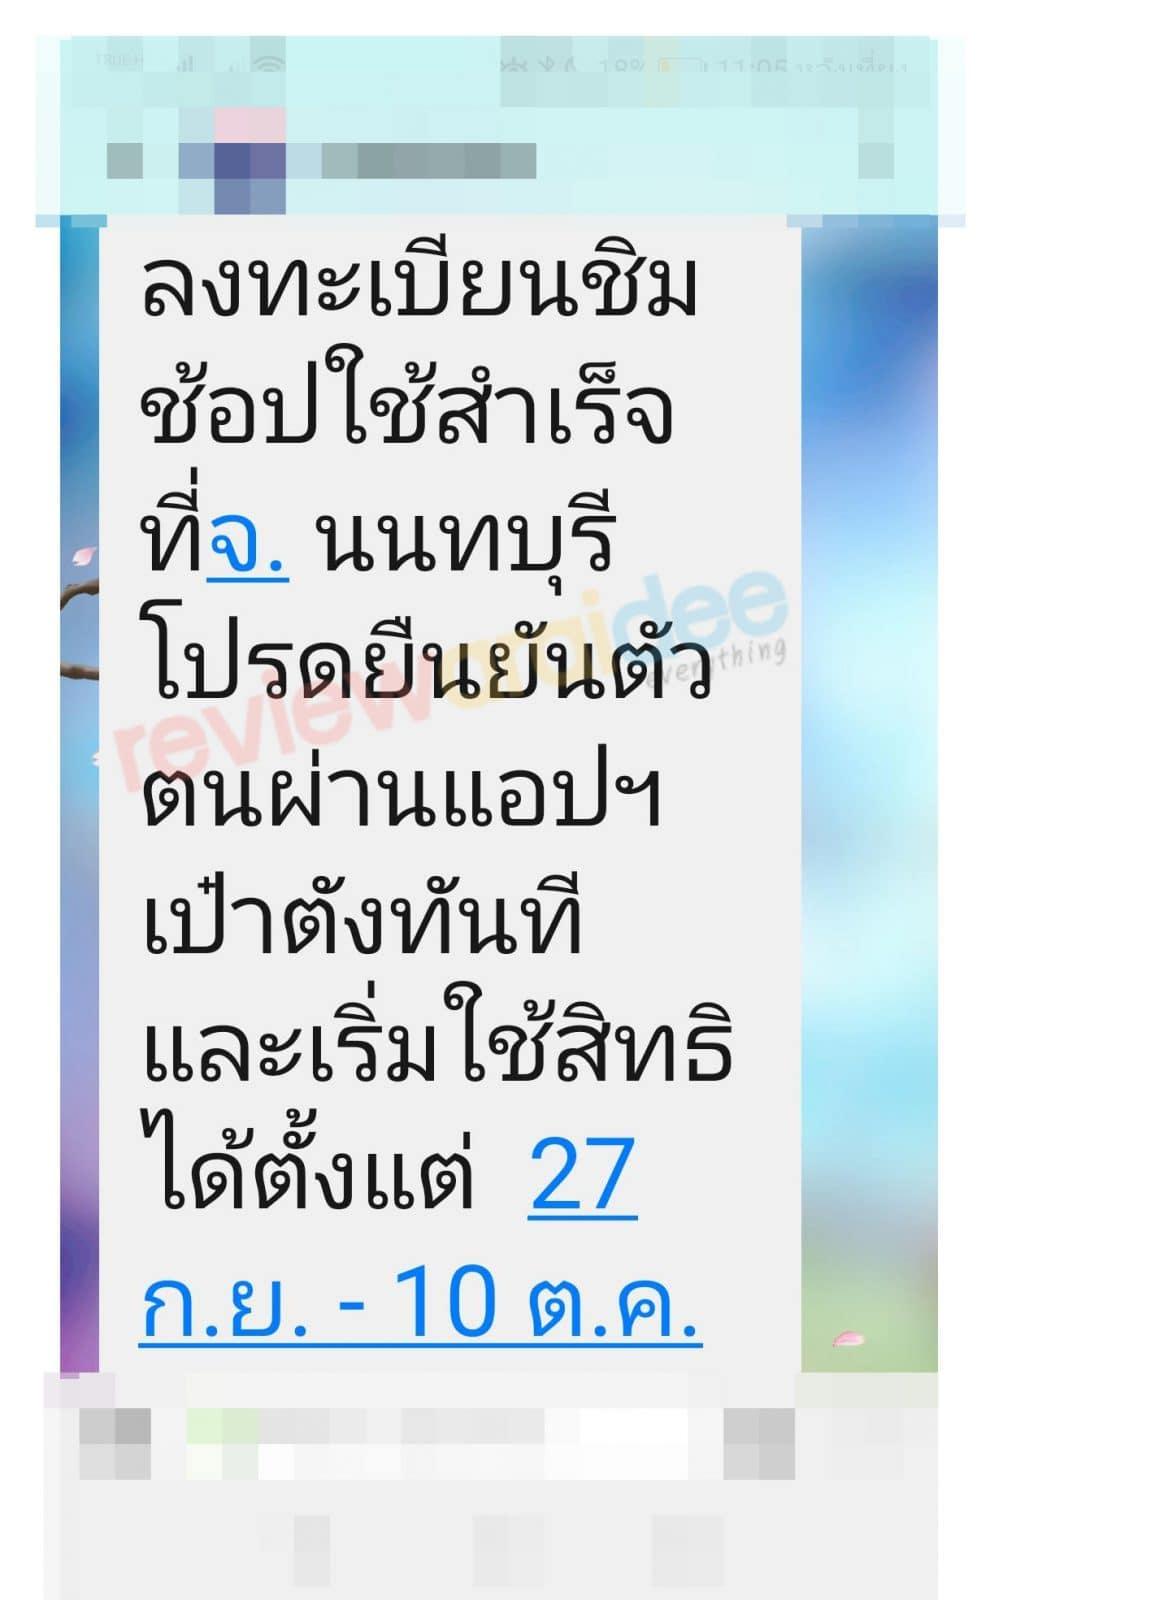 1000 baht g wallet 16